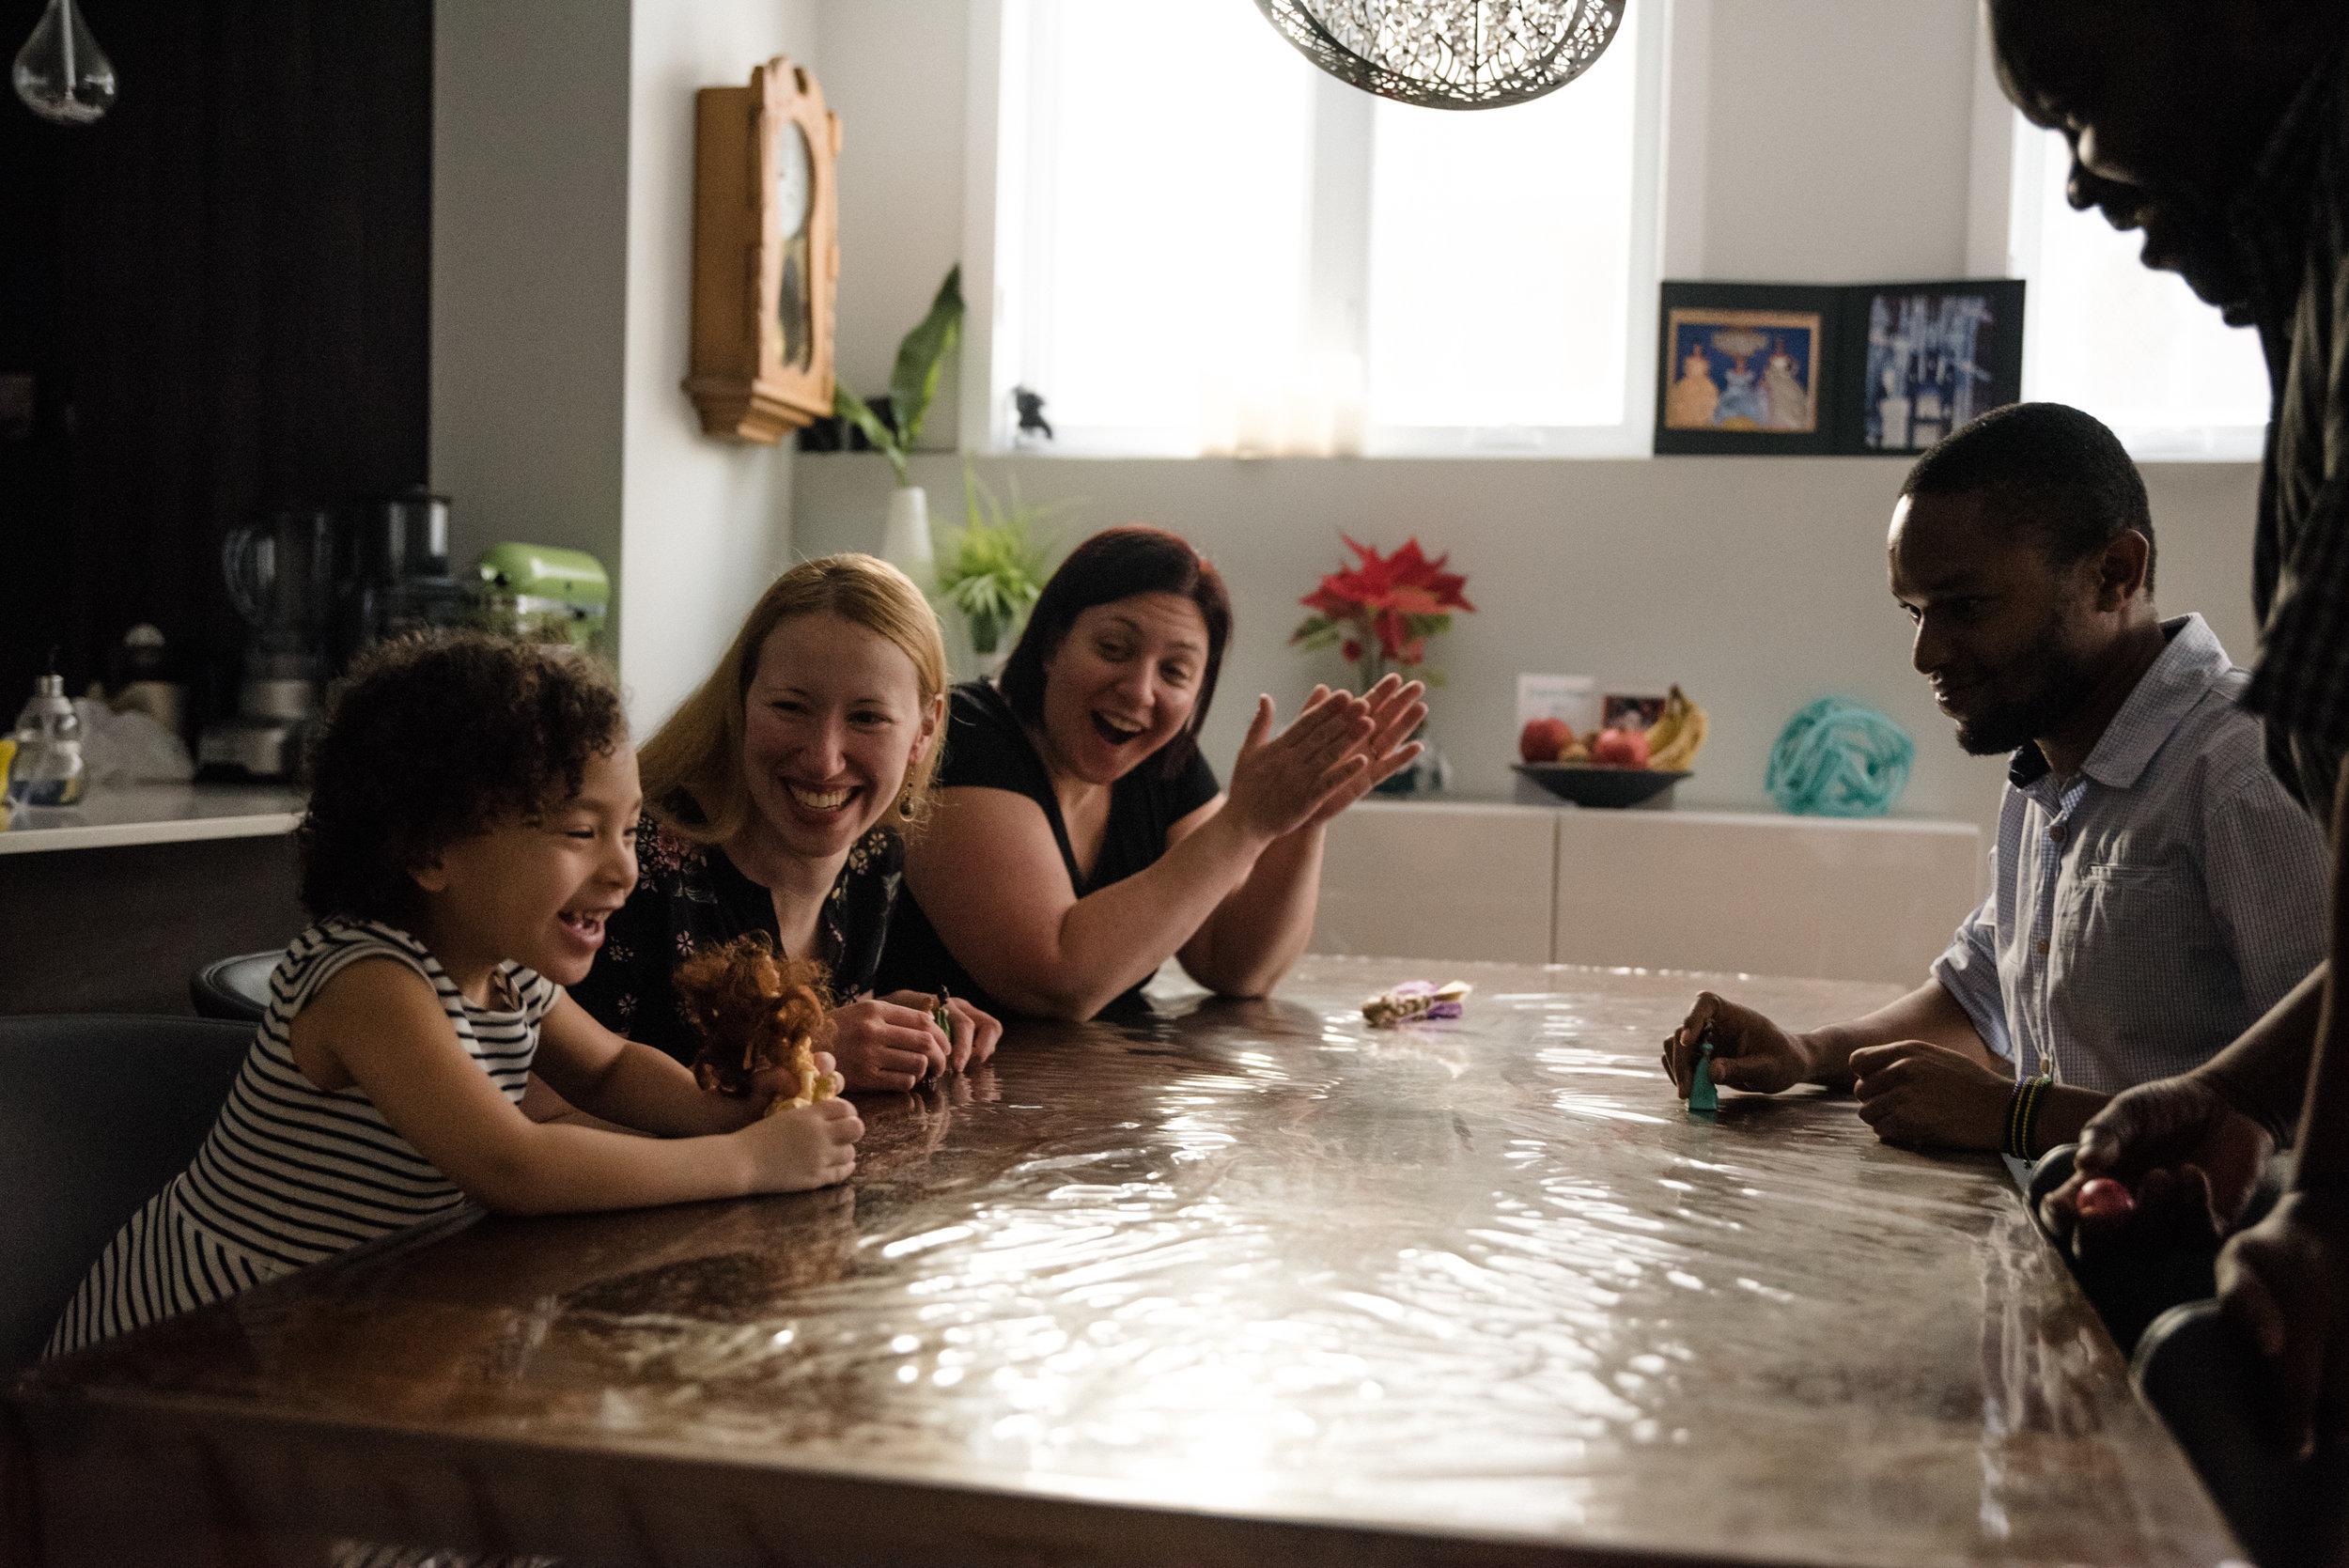 photo-de-soccer-sur-table-avec-des-poupees-photographe-de-famille-a-montreal-marianne-charland-895-2.jpg